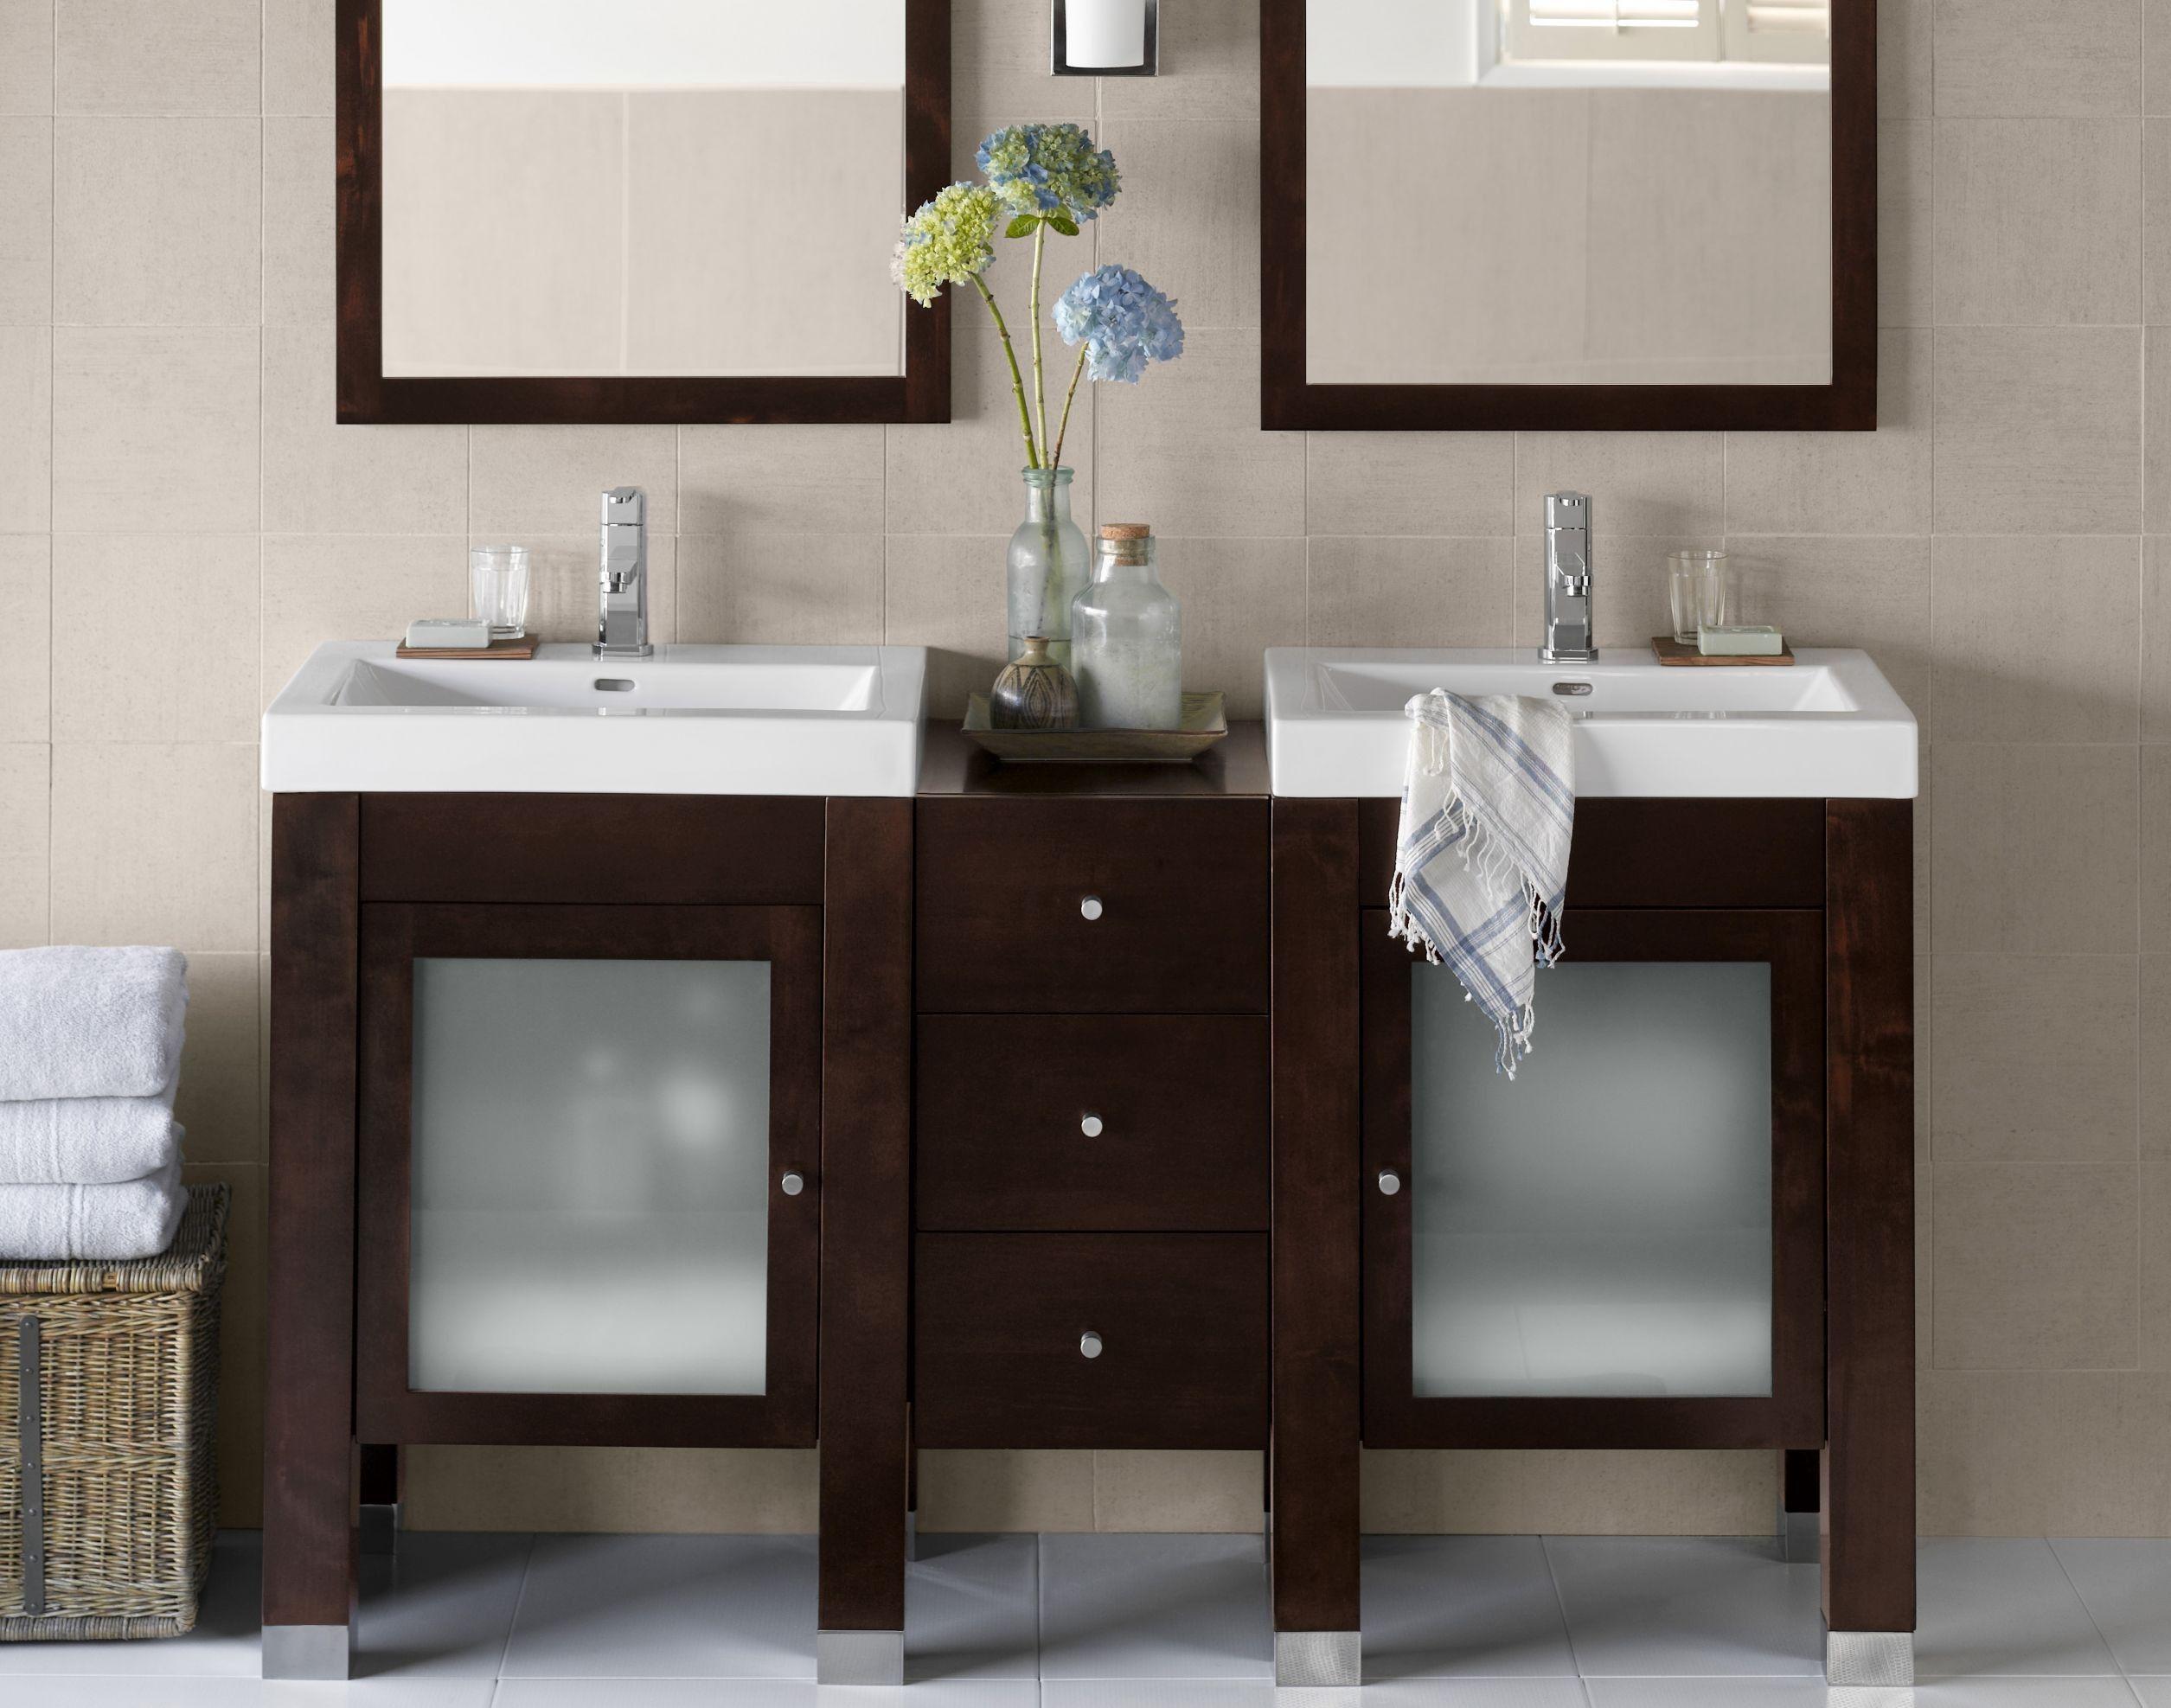 42 Inch Vanity Lowes Double Vanity Bathroom Bathroom Vanity Designs Small Bathroom Vanities